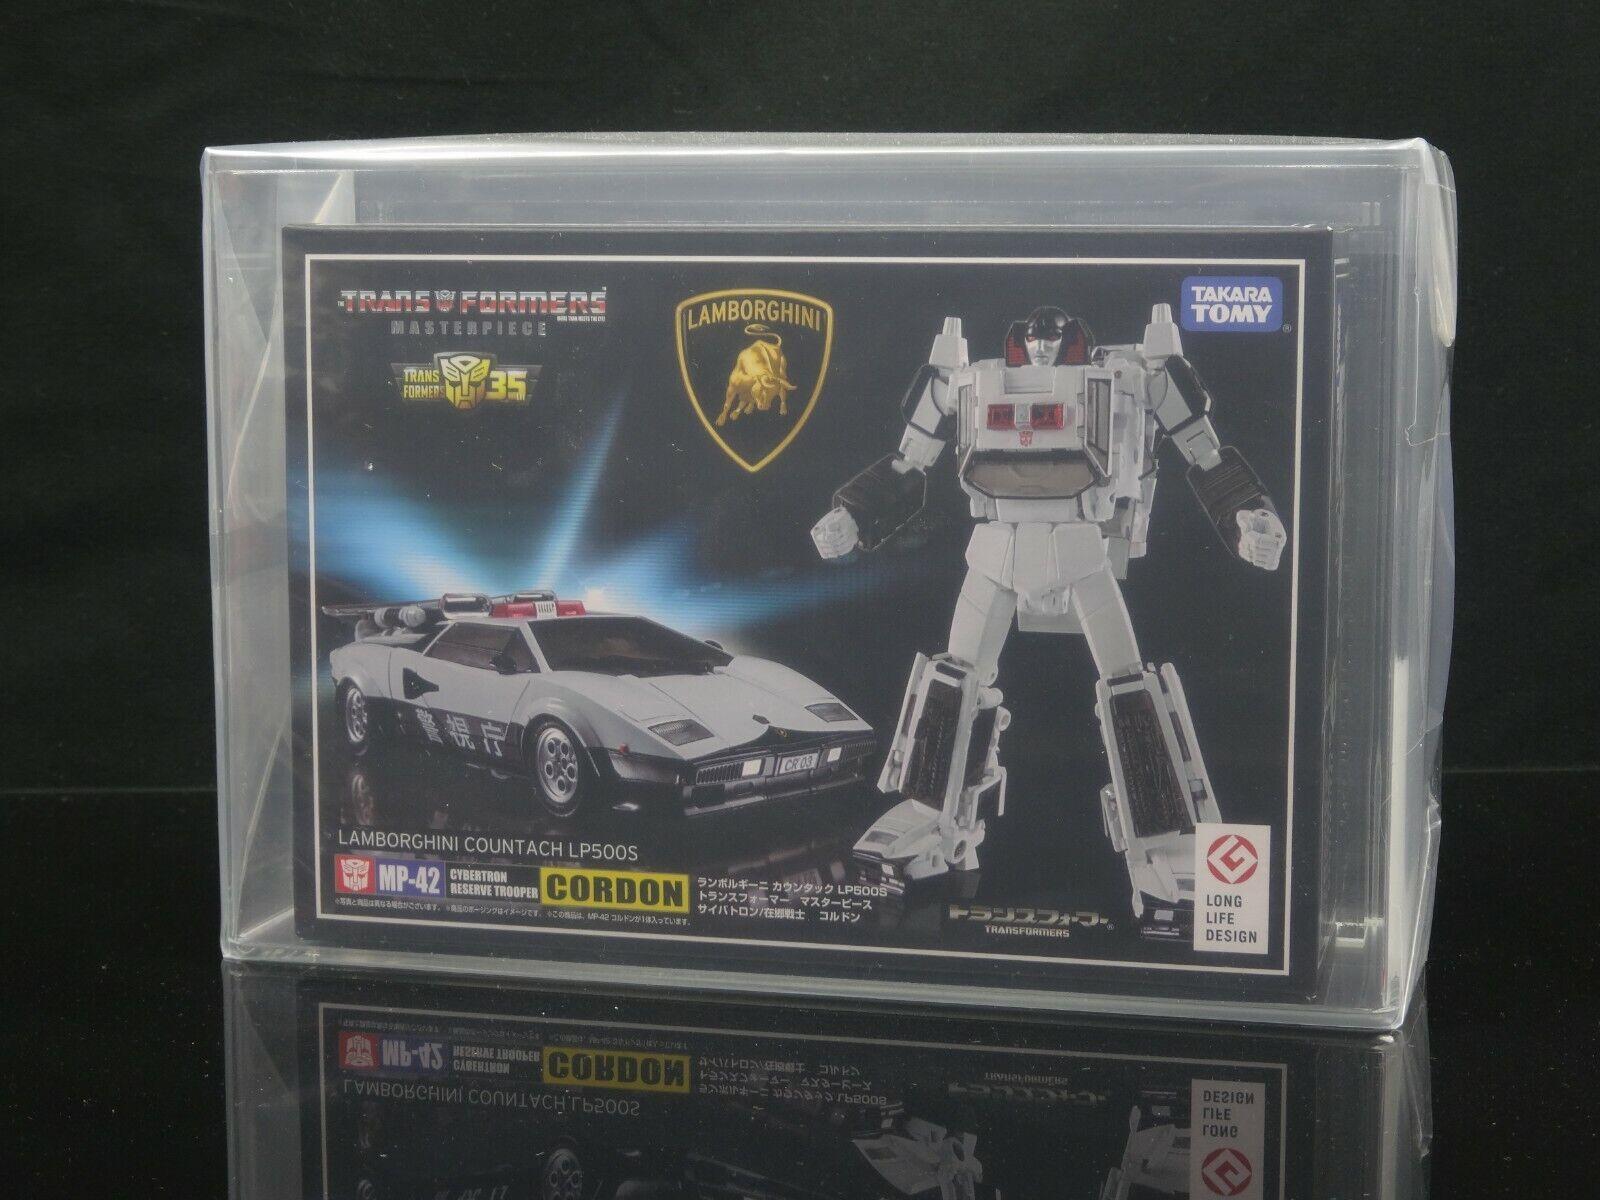 los clientes primero Transformers MP-42 Cordon [85] [85] [85] - Takara Masterpiece AFA  alta calidad general